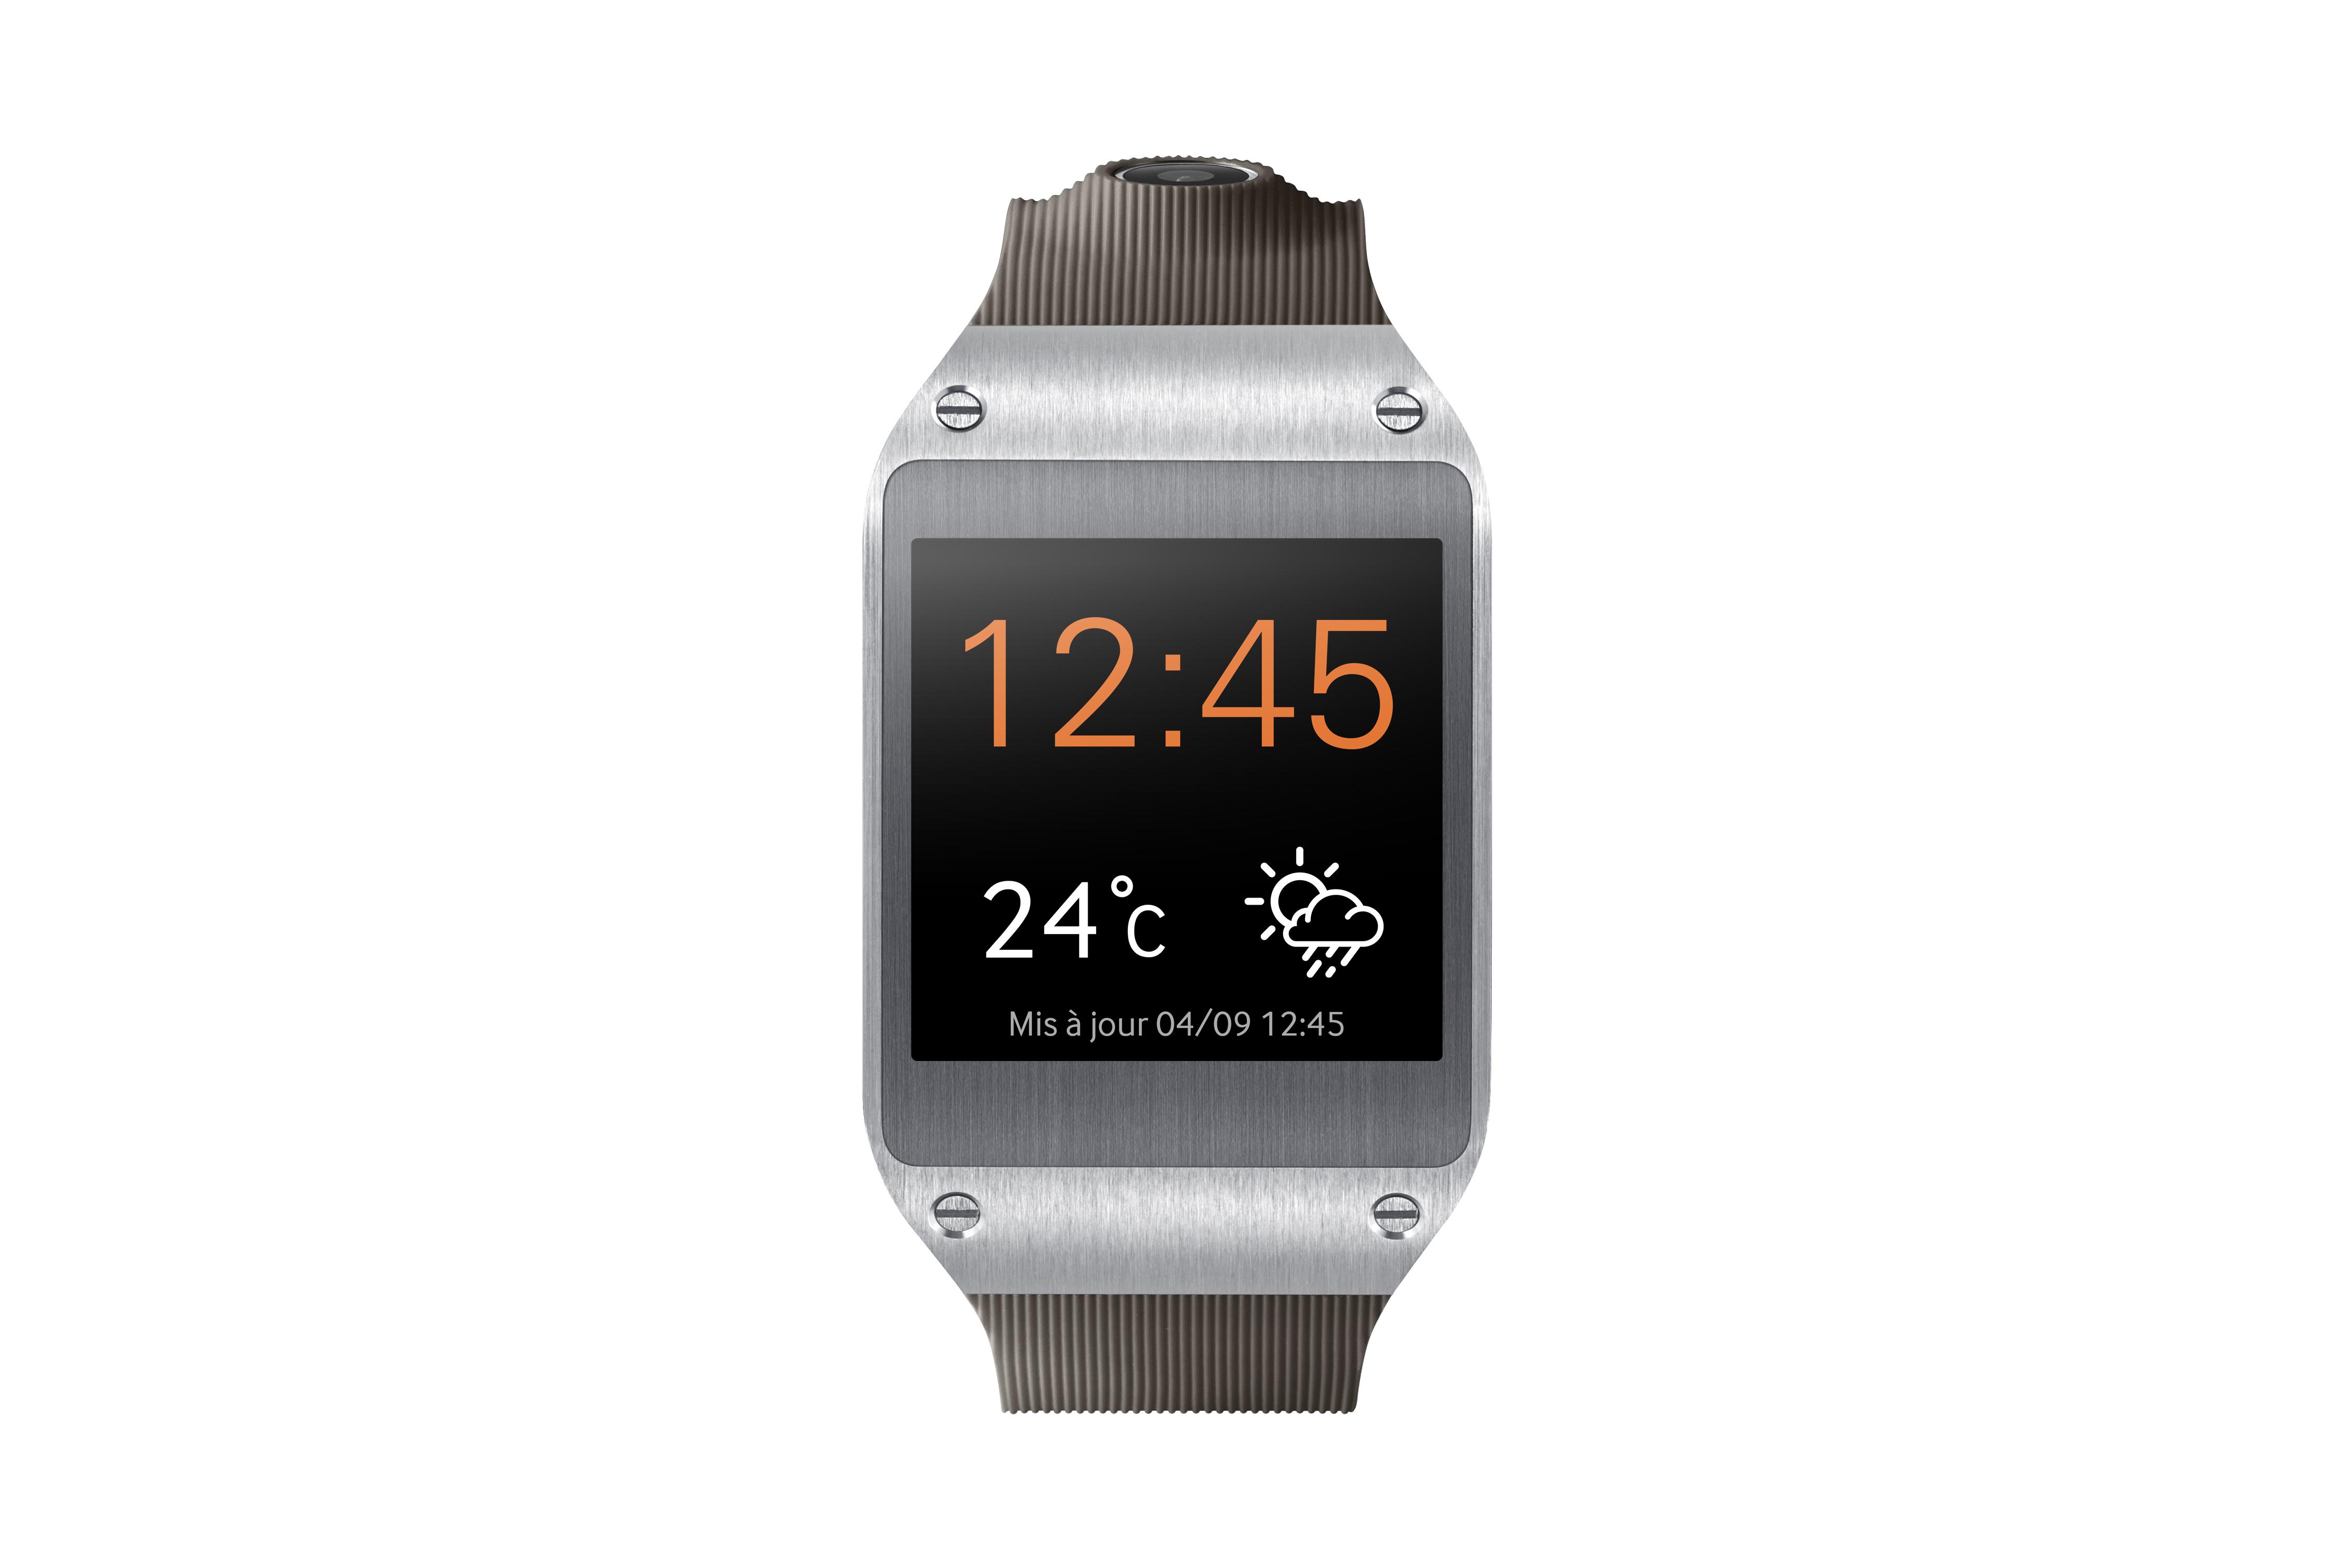 Montre Samsung Galaxy Gear grise